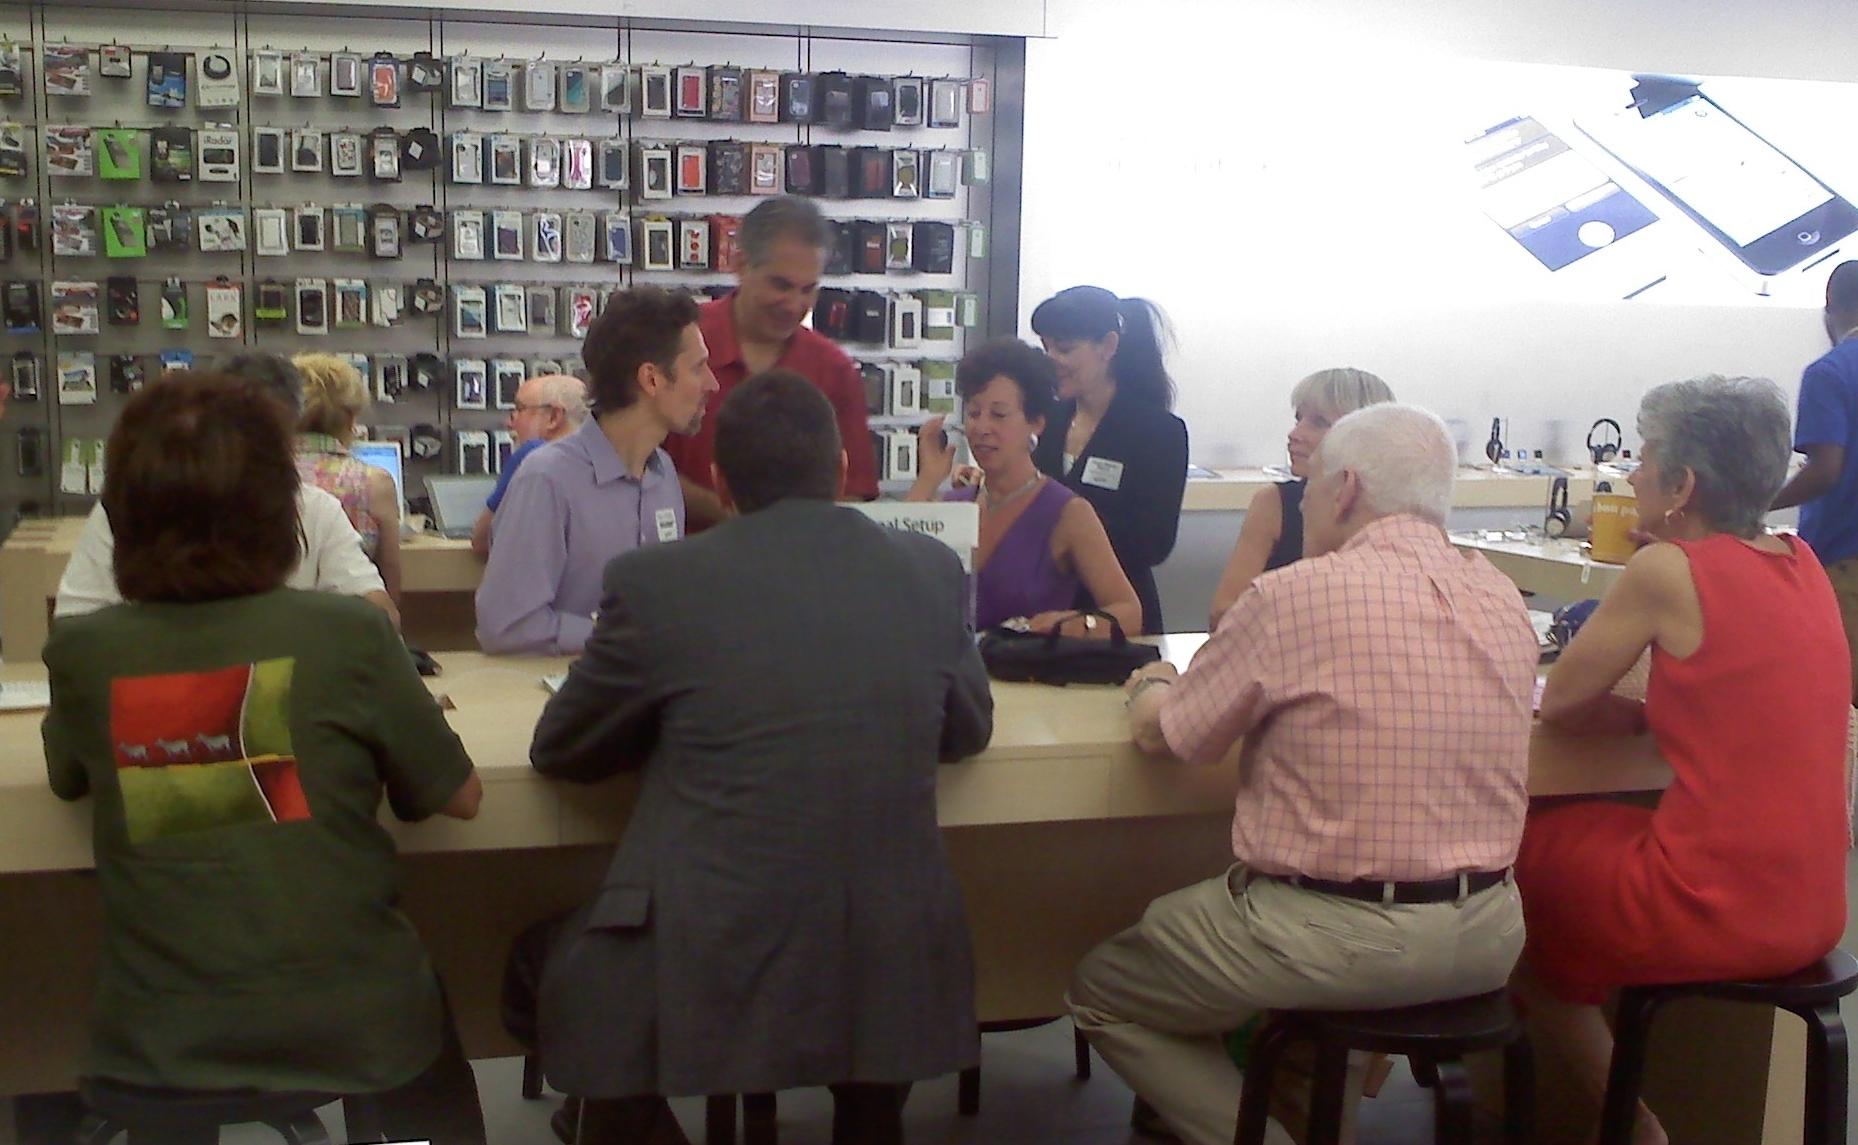 762efe24ab0d3f606c1a_mobile_banking_workshop.jpg